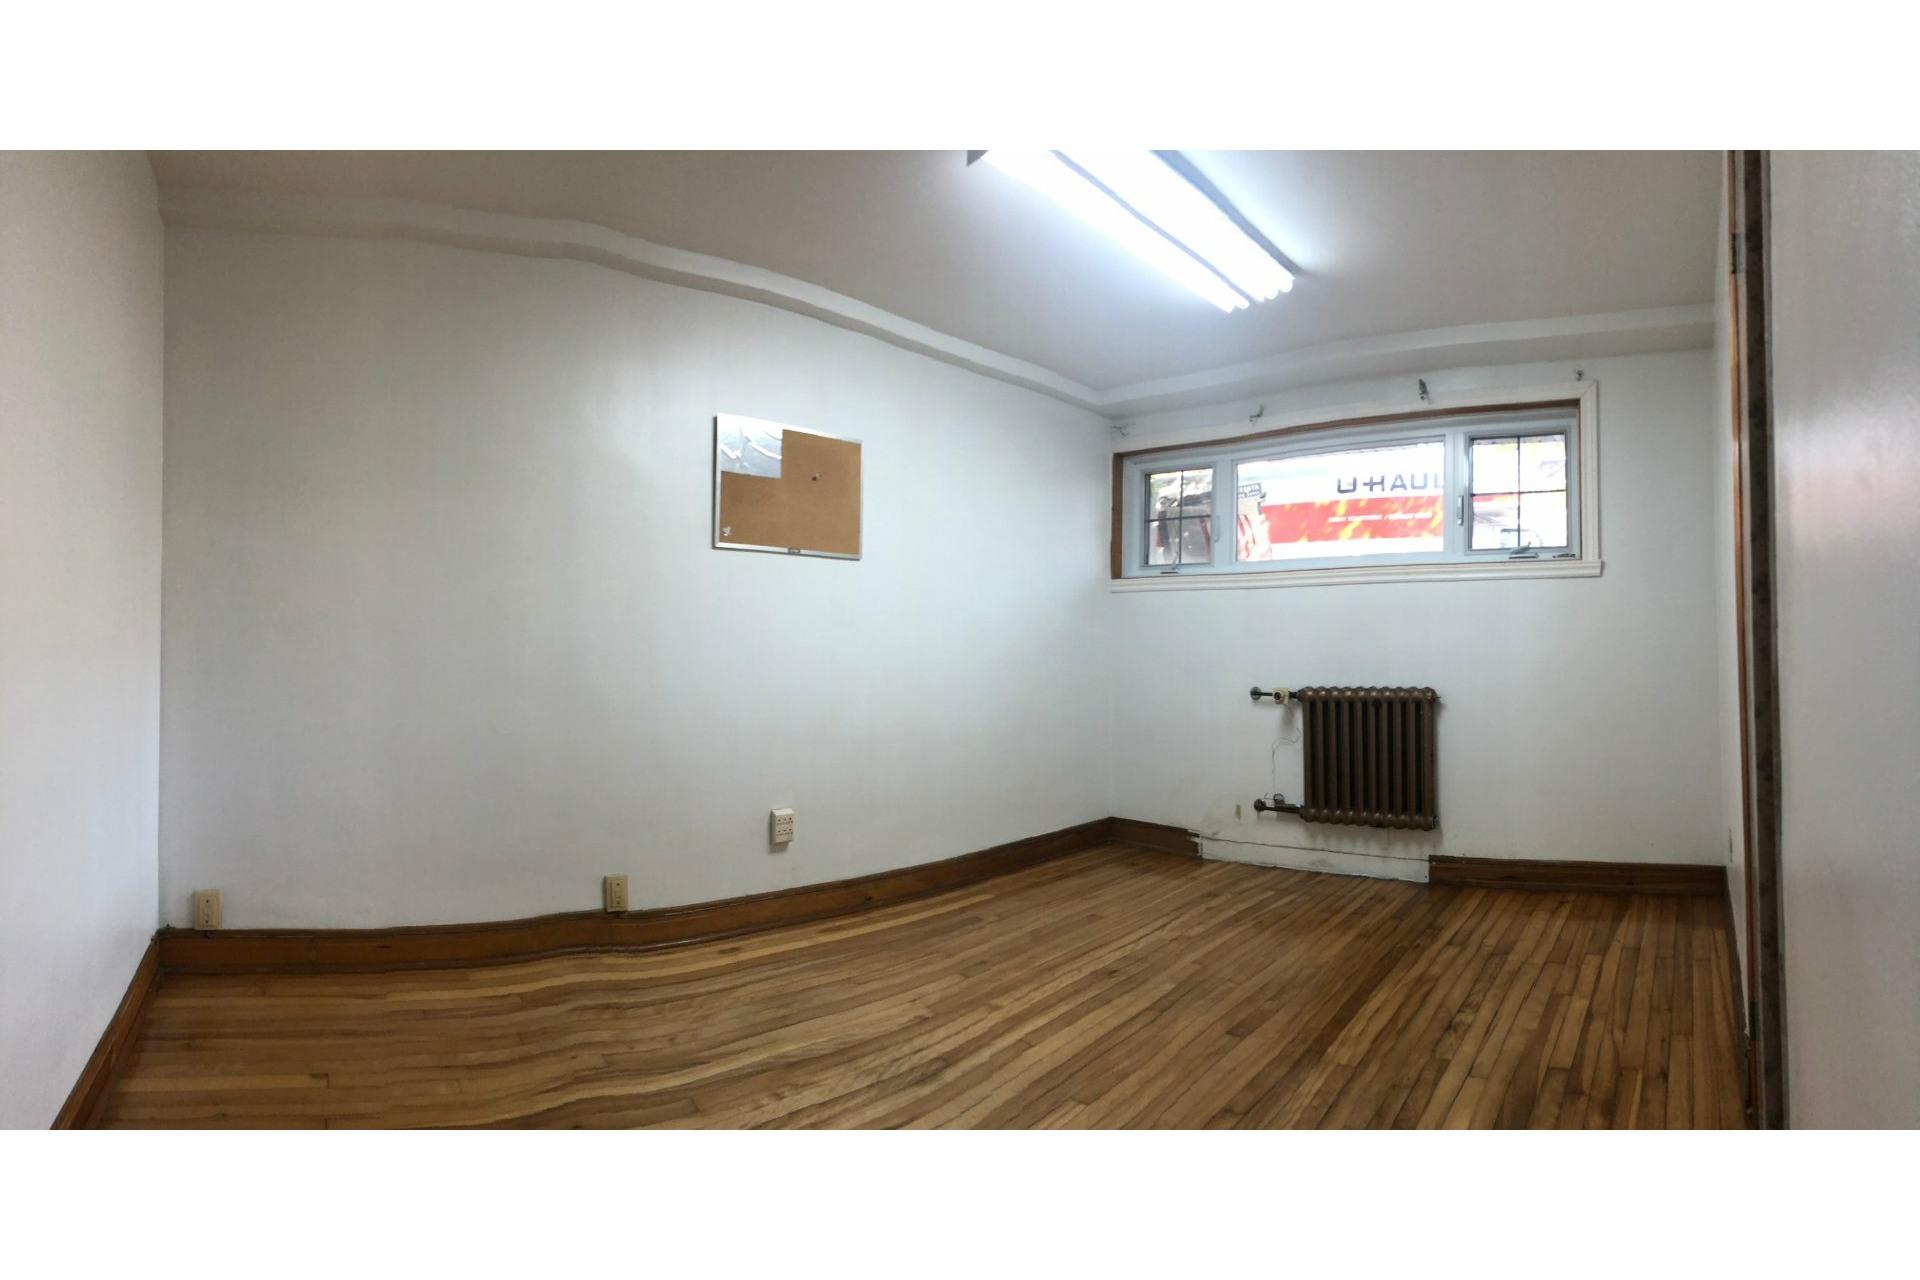 image 8 - Apartment For rent Côte-des-Neiges/Notre-Dame-de-Grâce Montréal  - 4 rooms